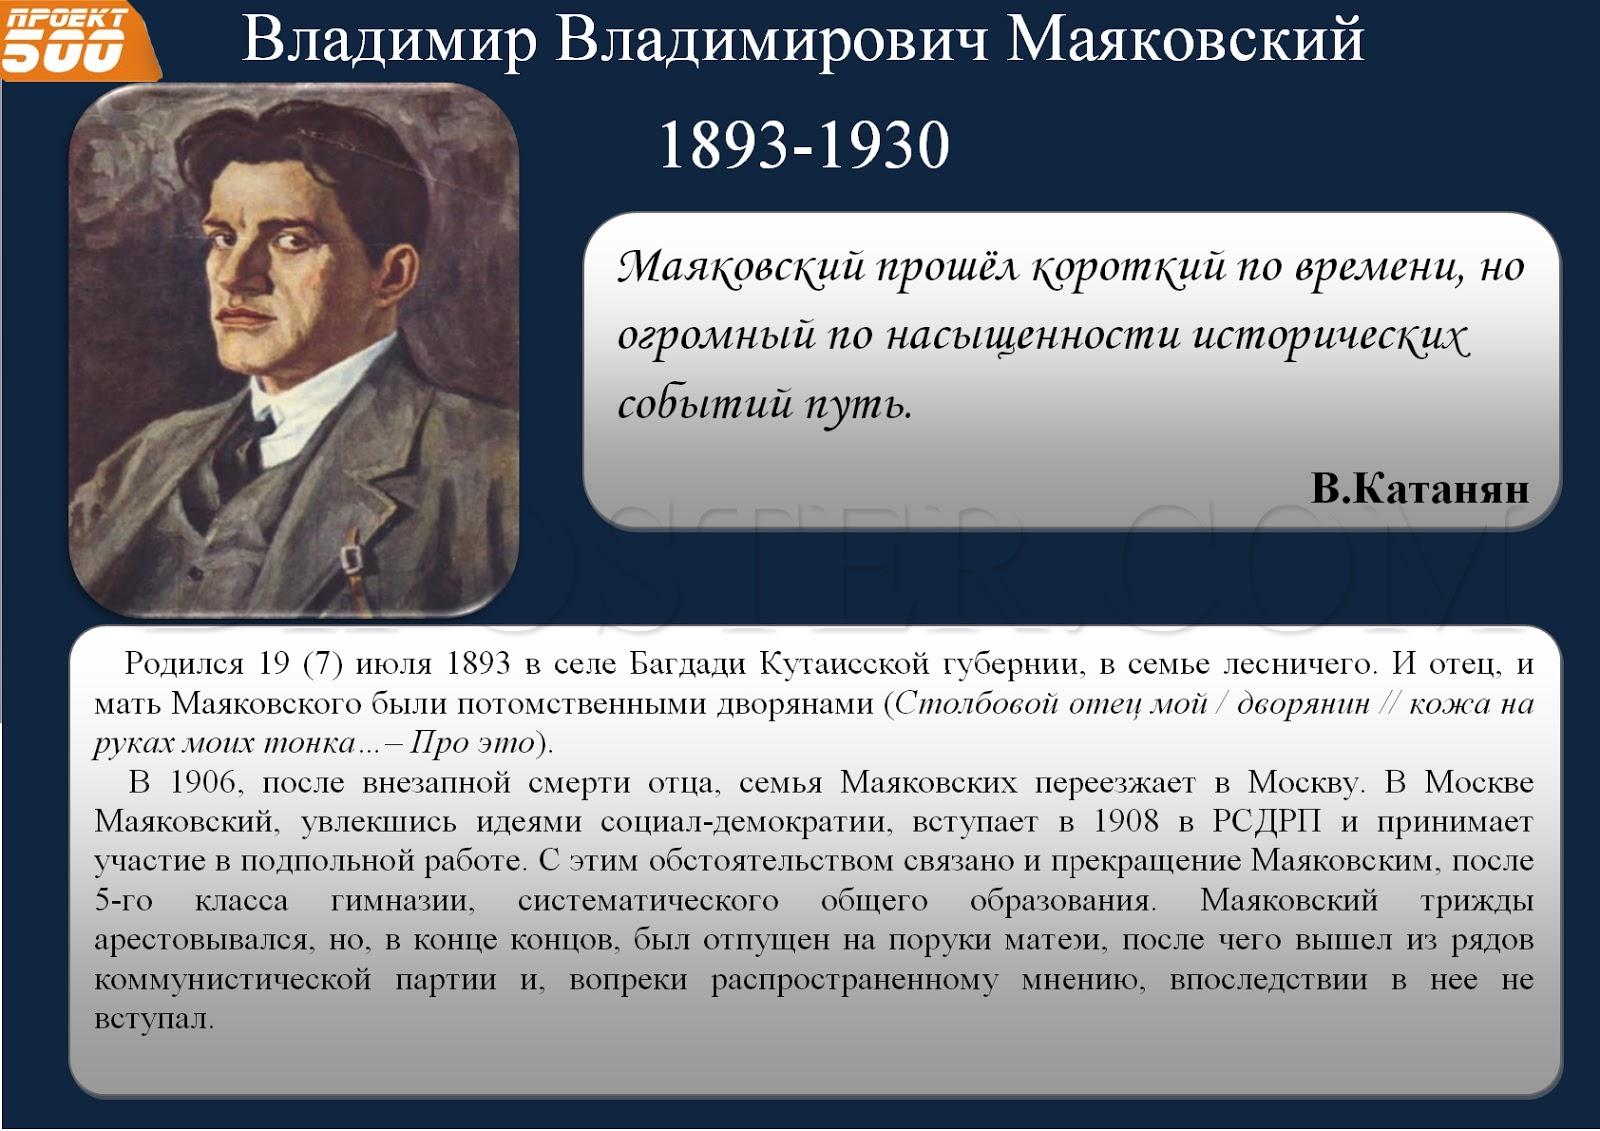 гончаров и.а. биография презентация